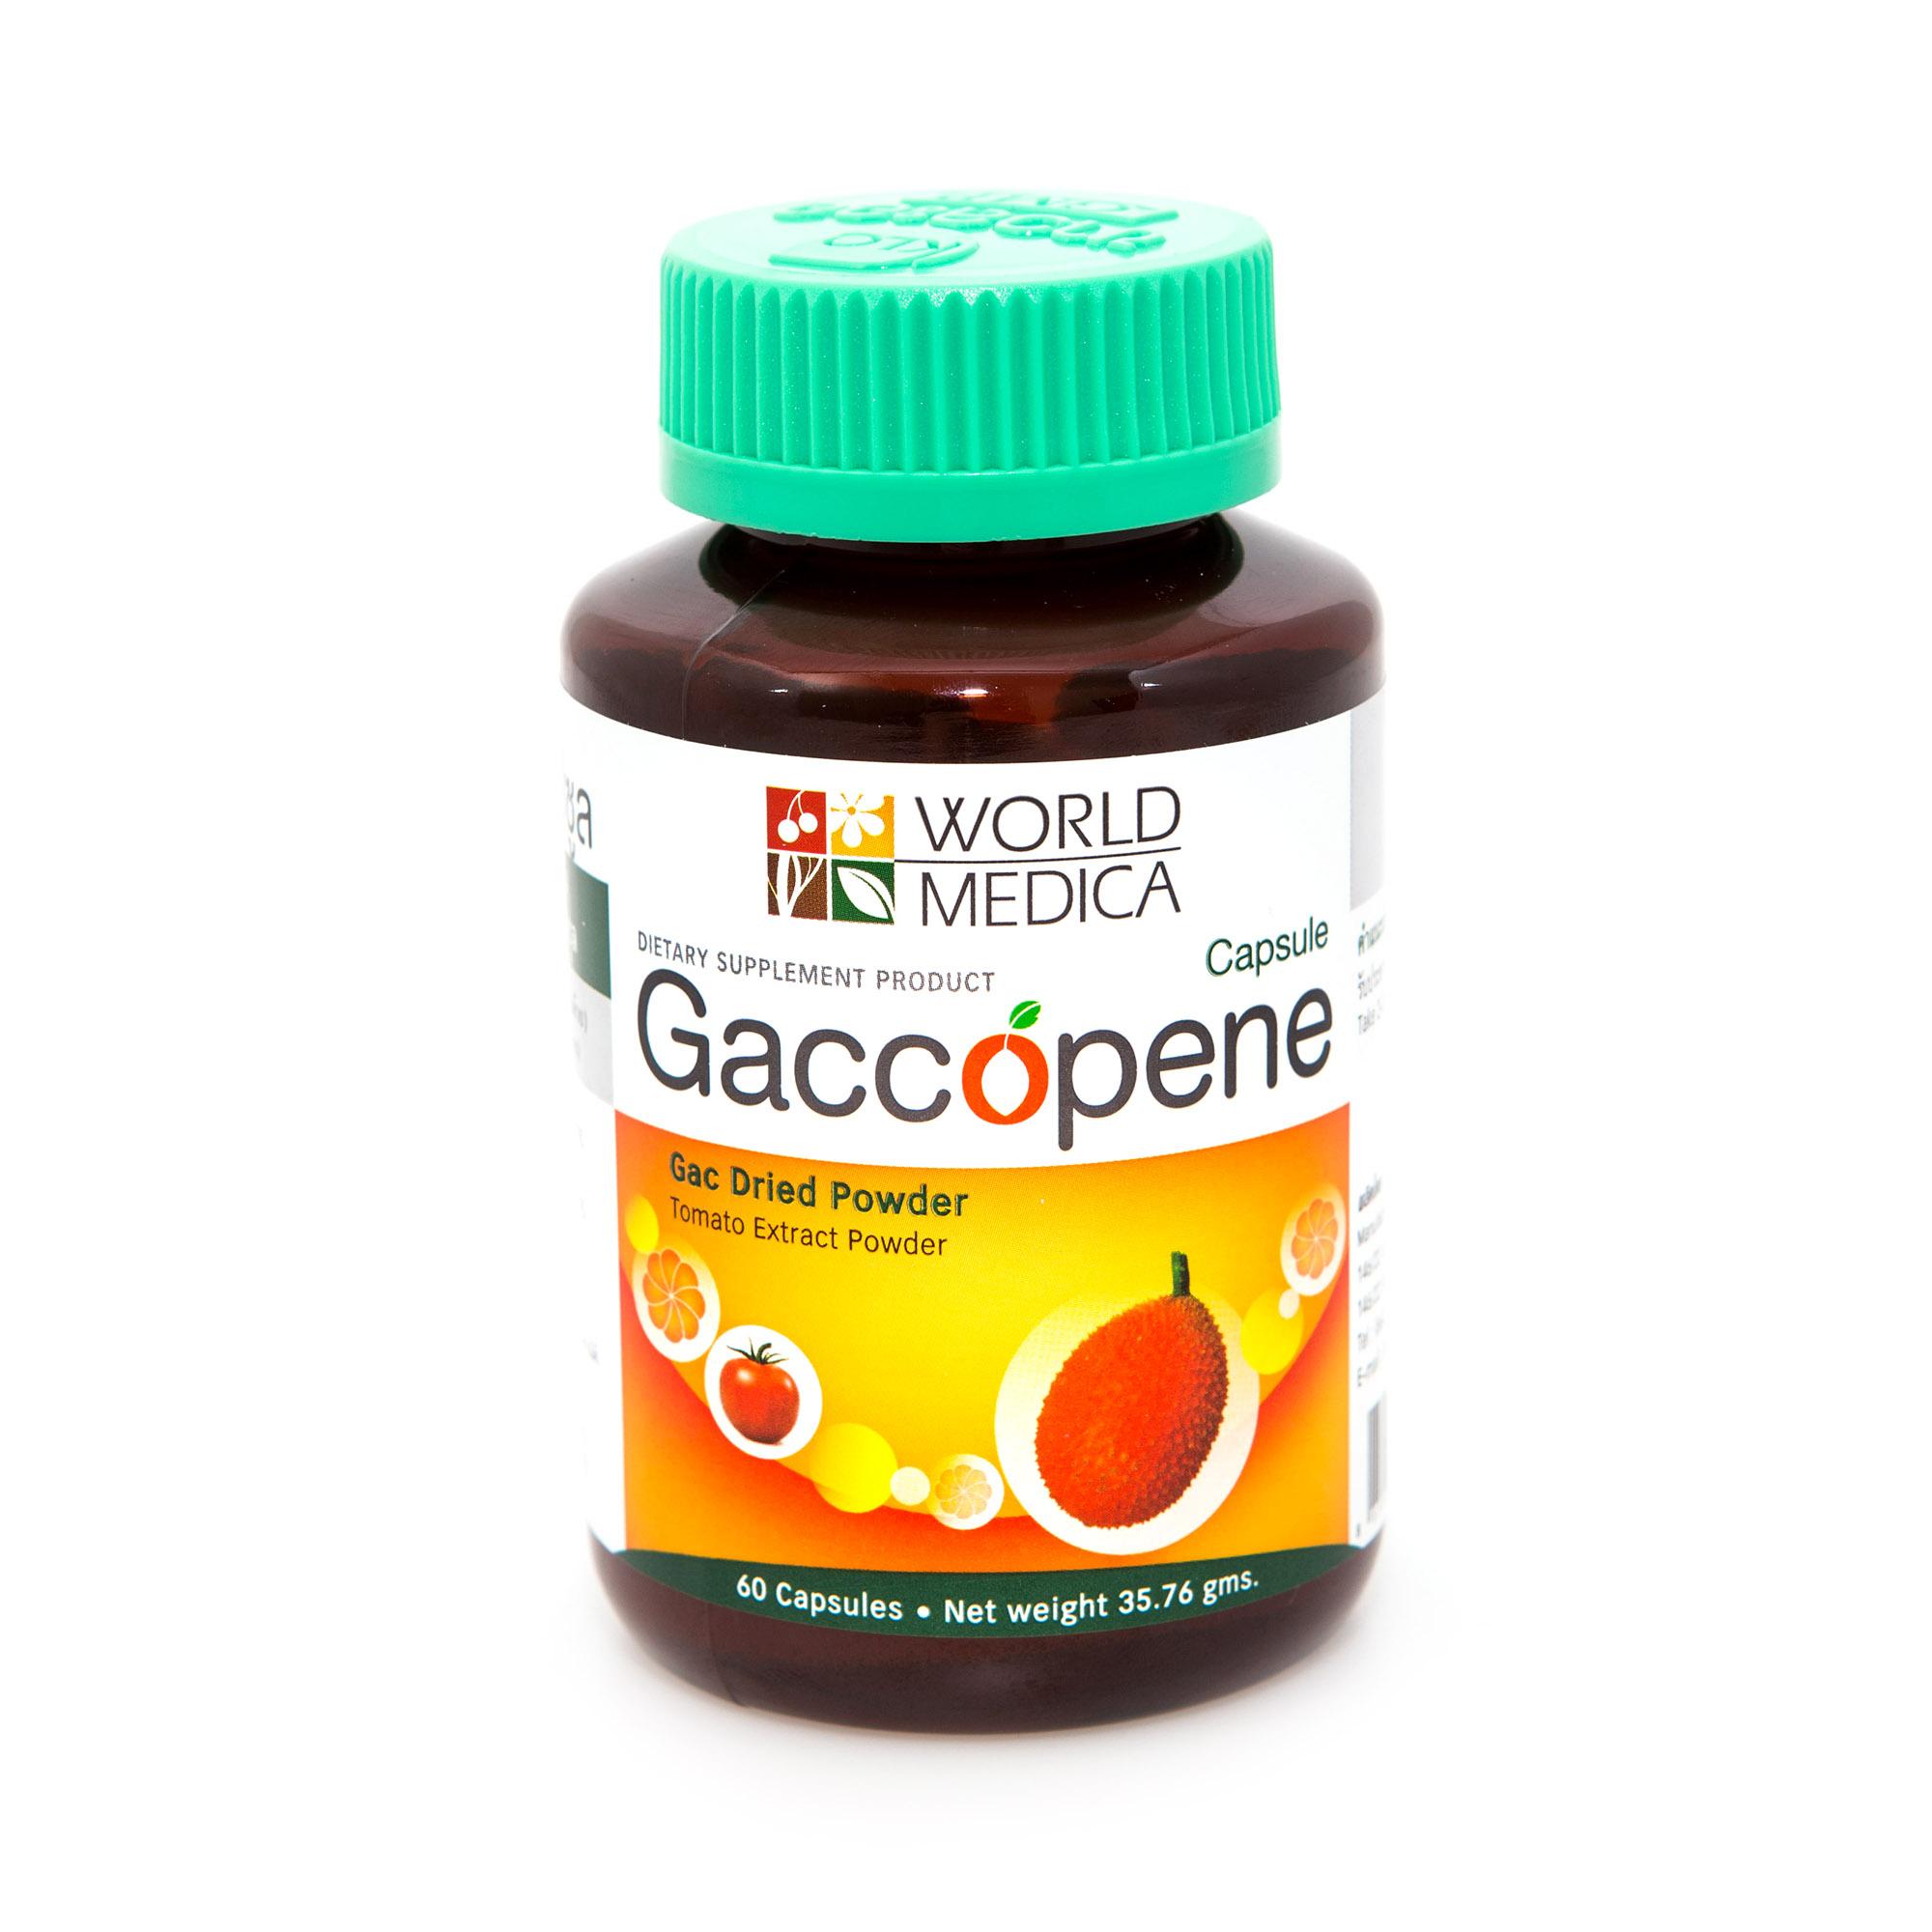 Gaccopene ไลโคปีนธรรมชาติ คงคุณค่าผิวสวย ชะลอต่อมลูกหมากโต 60 แคปซูล